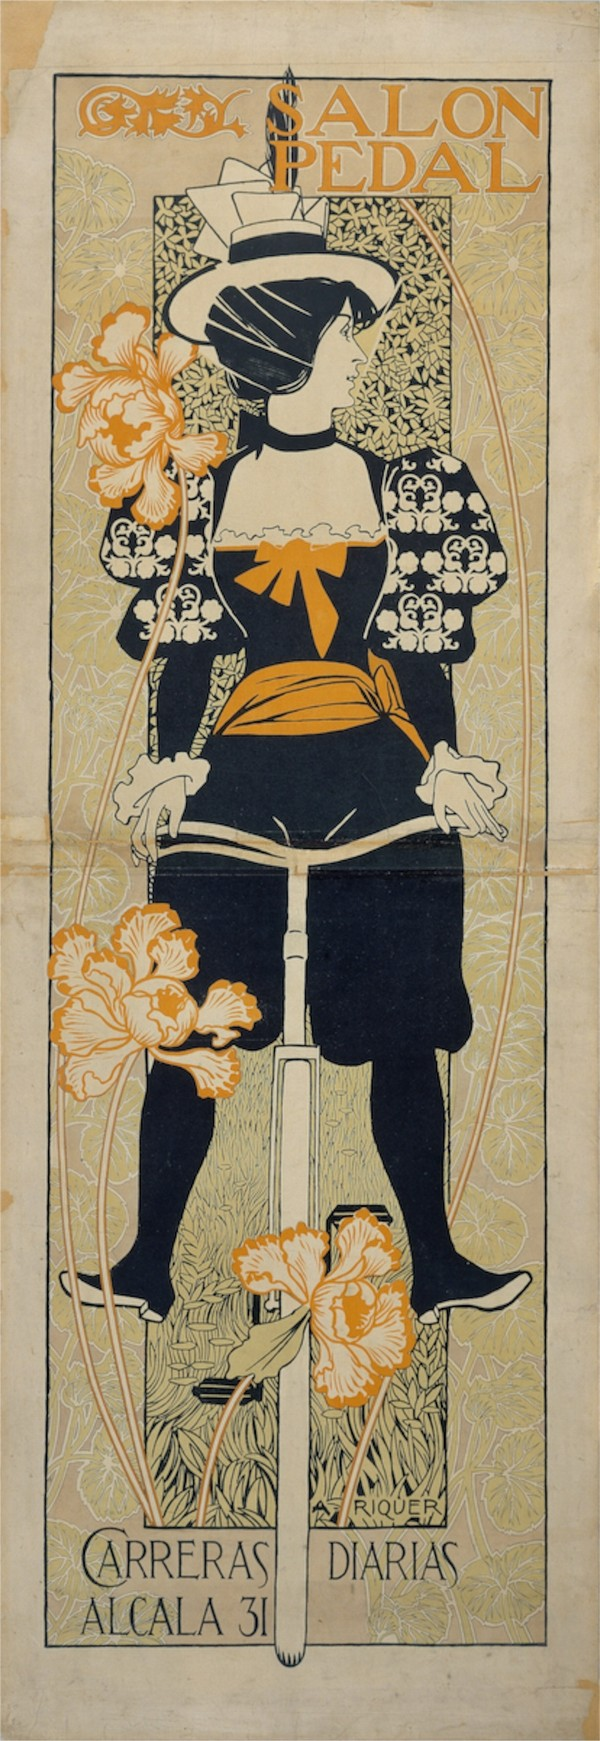 Alexandre-de-Riquer---Salon-Pedal  Print